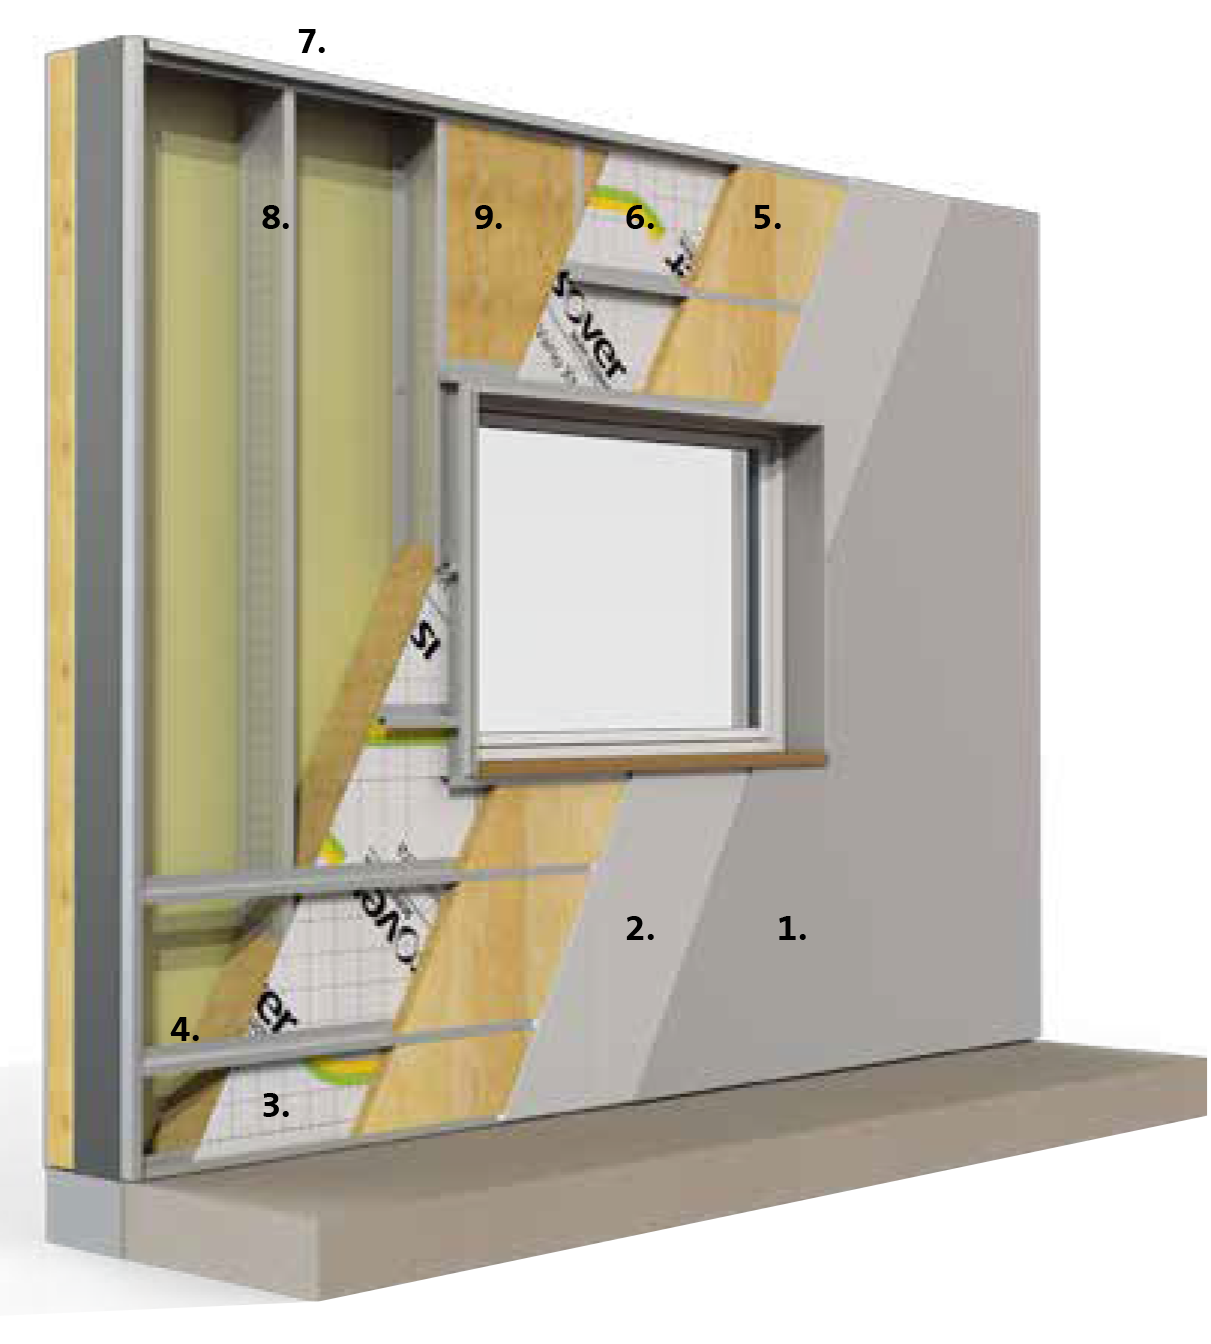 Inredning ljudisolering vägg : Saint-Gobain Silent Wall | Gyproc Sverige - lättbyggnadssystem med ...